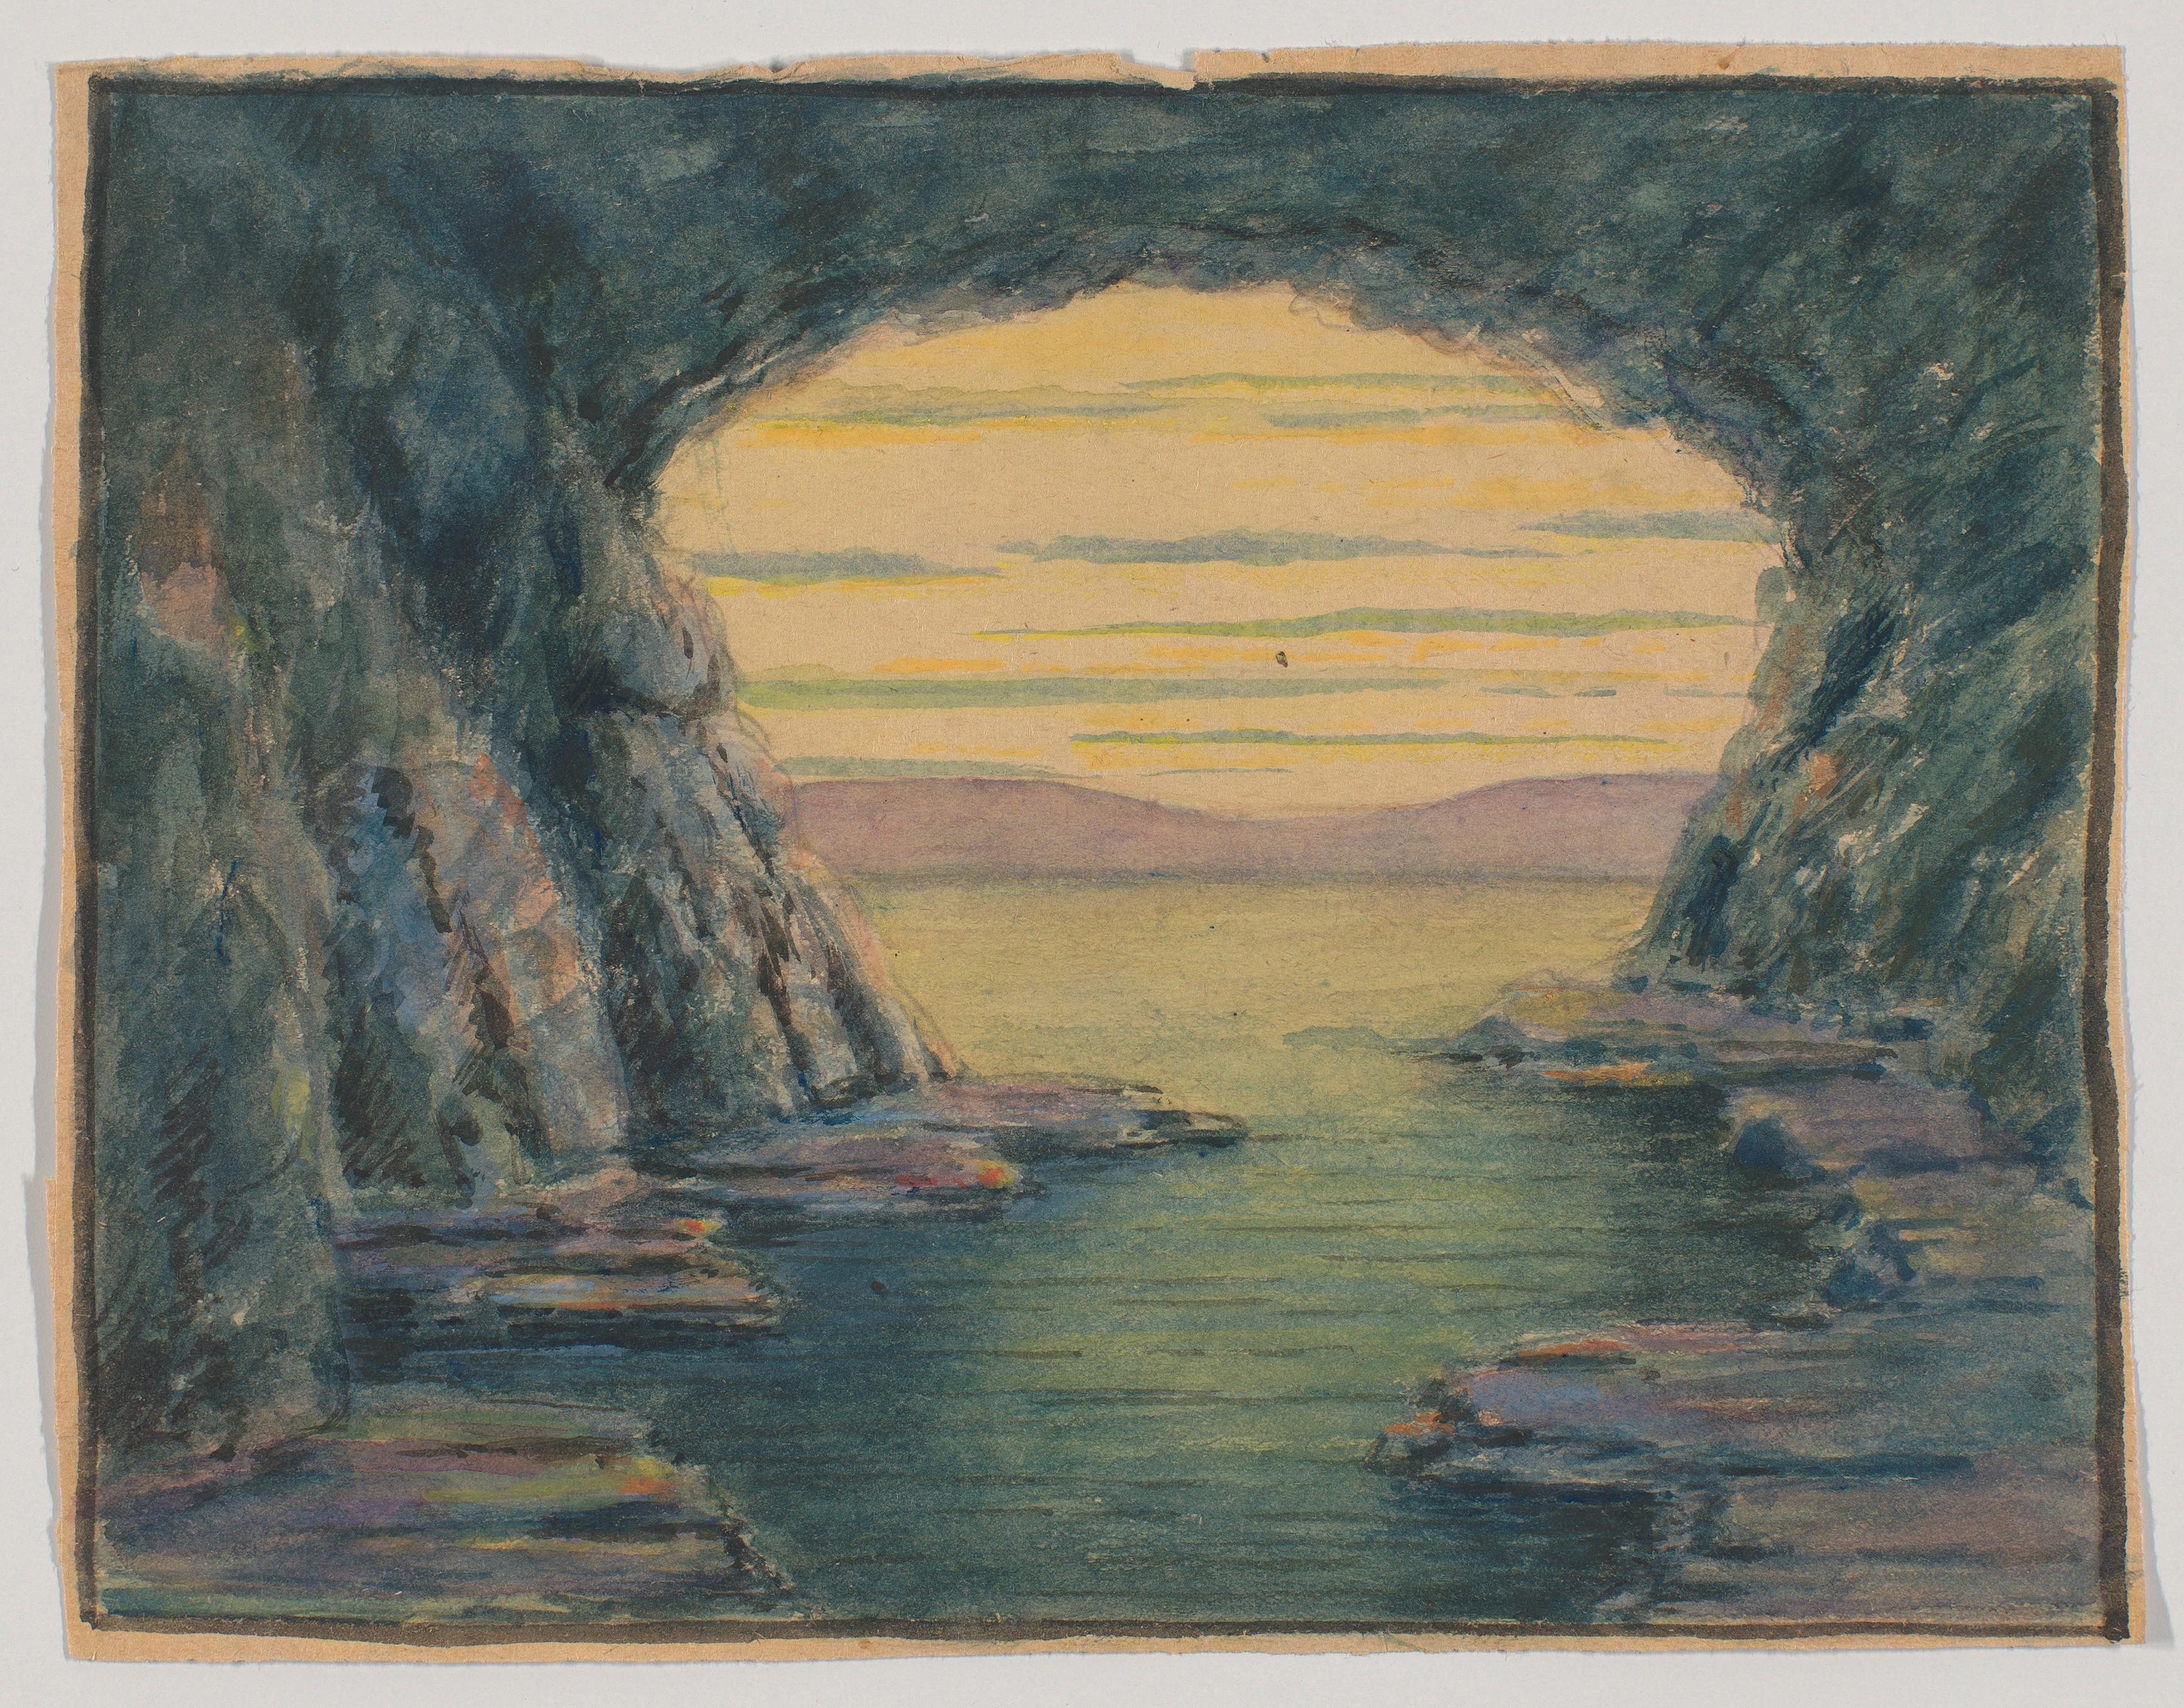 A_Seaside_Cave_MET_DP856529.jpg